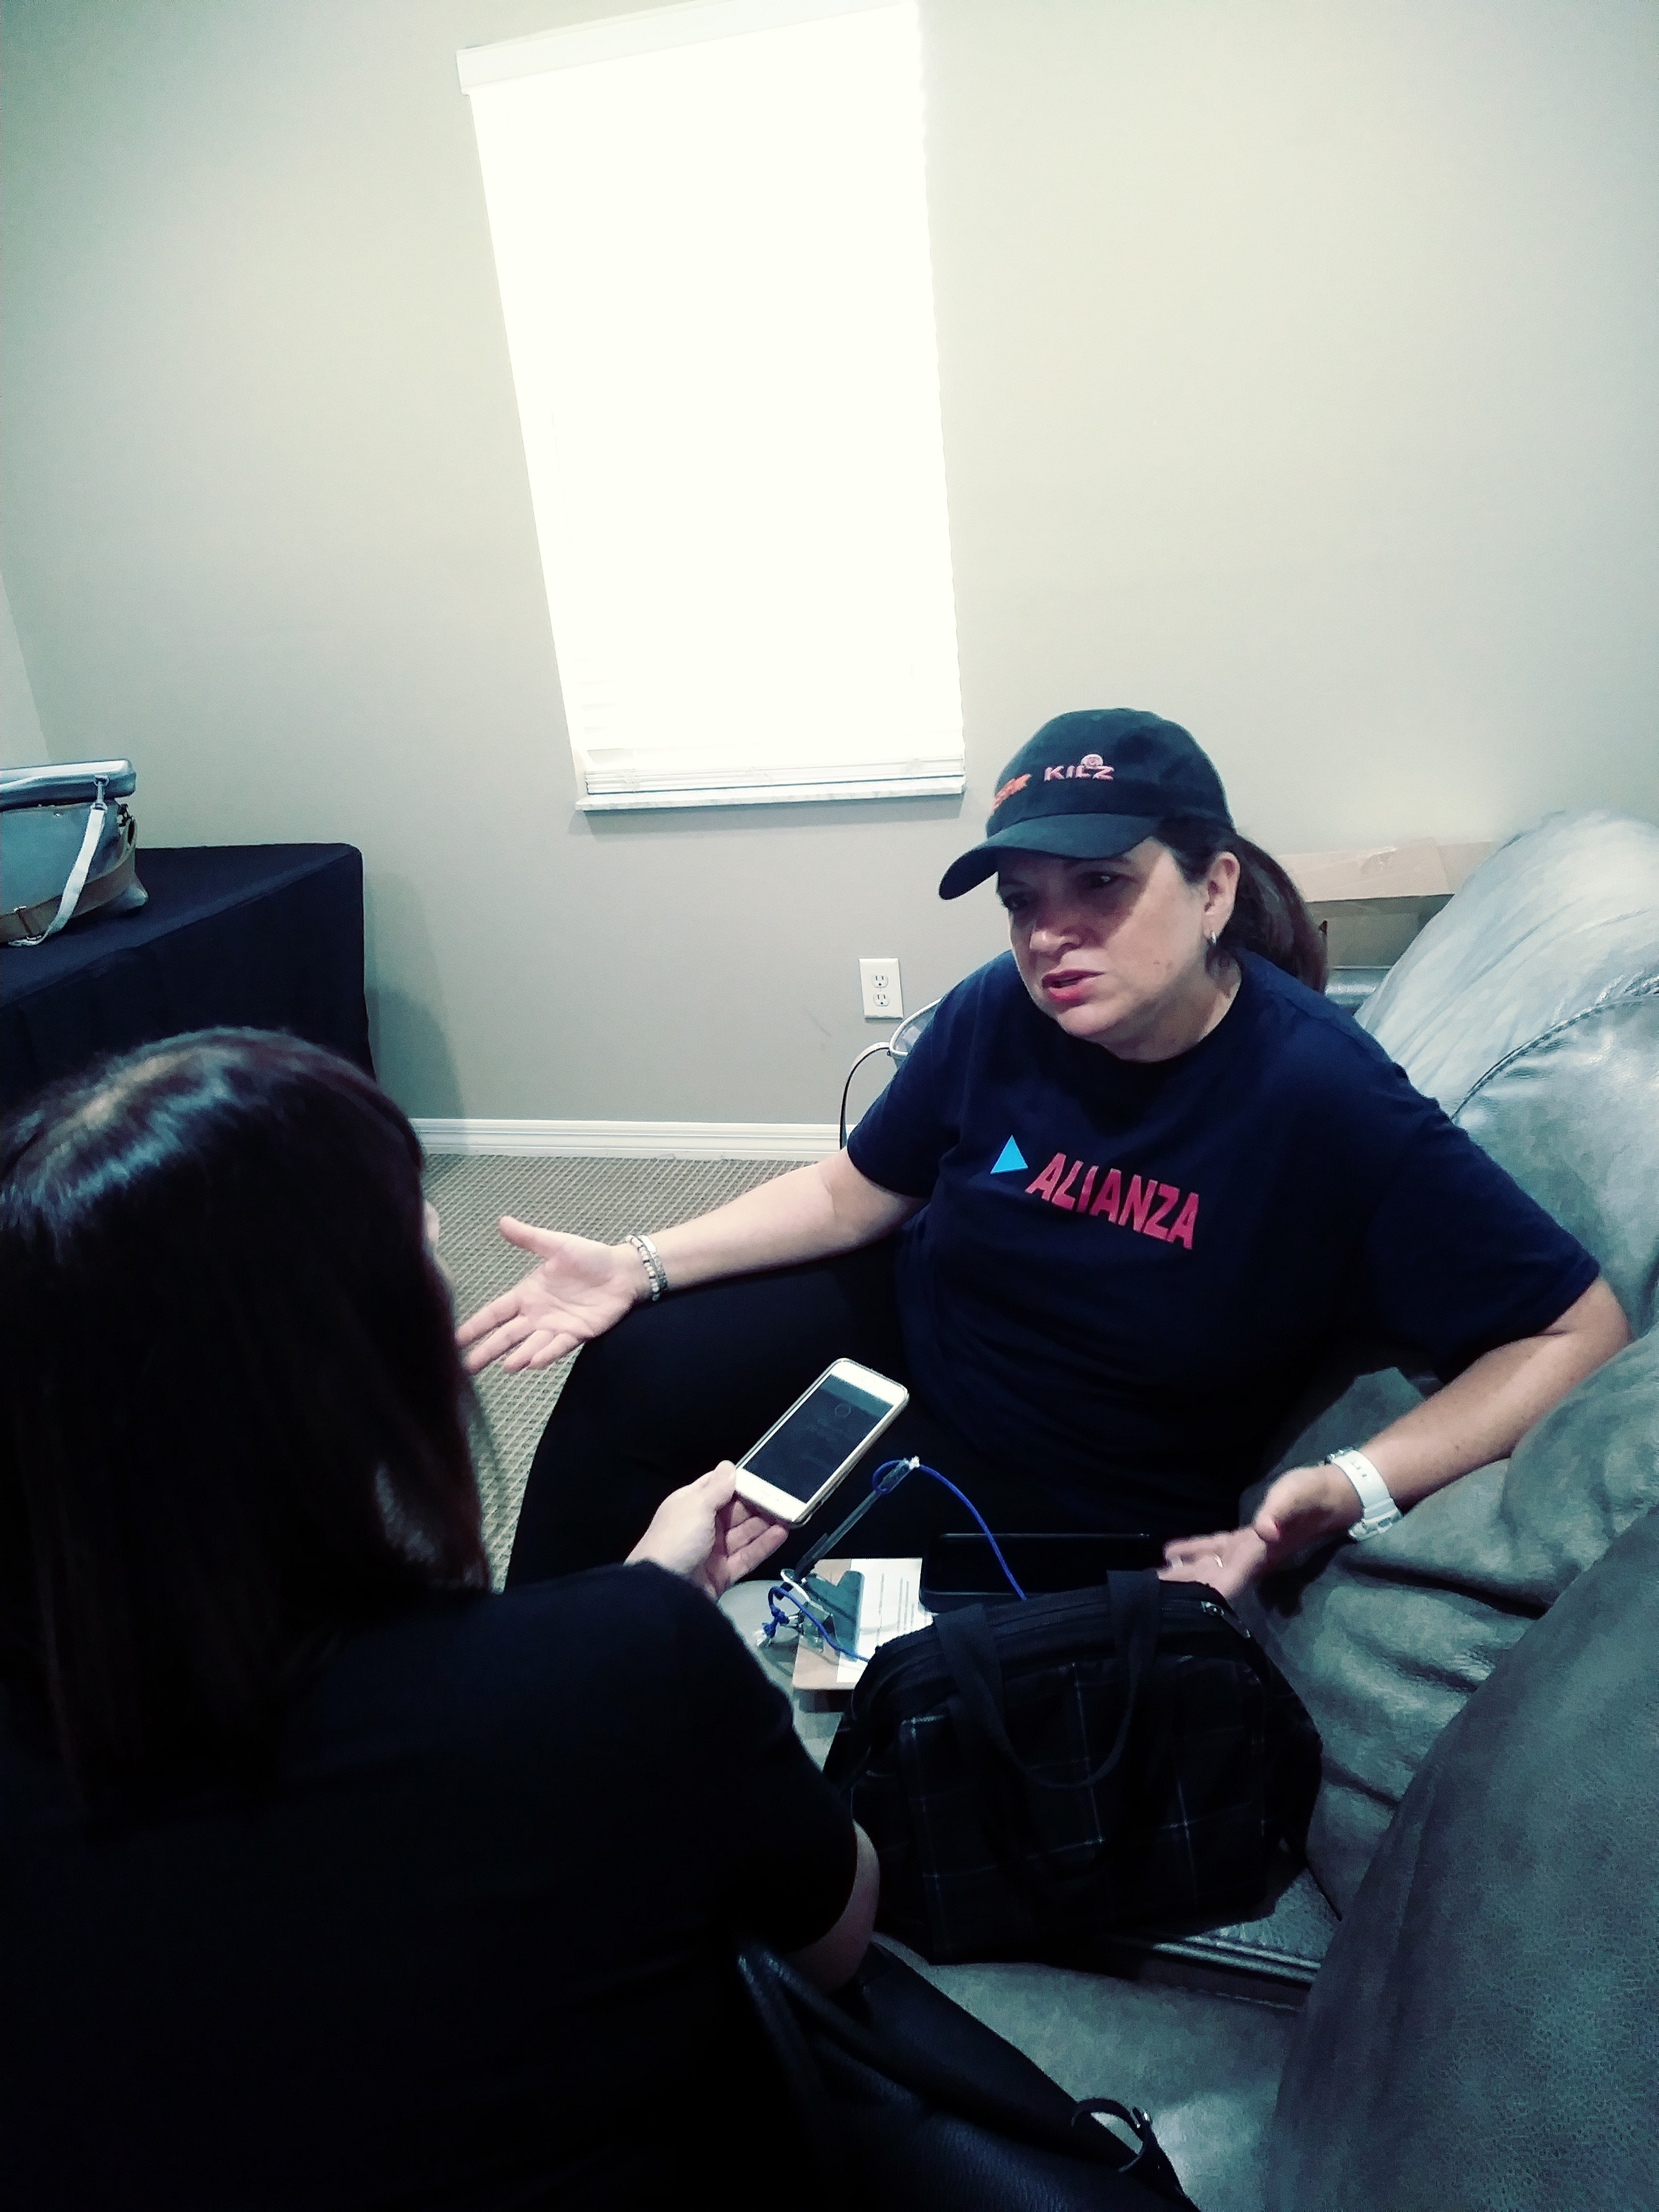 La inmigrante venezolana María García participa en la campaña Respeta Mi Gente, que busca registrar y movilizar votantes de la Florida Central.